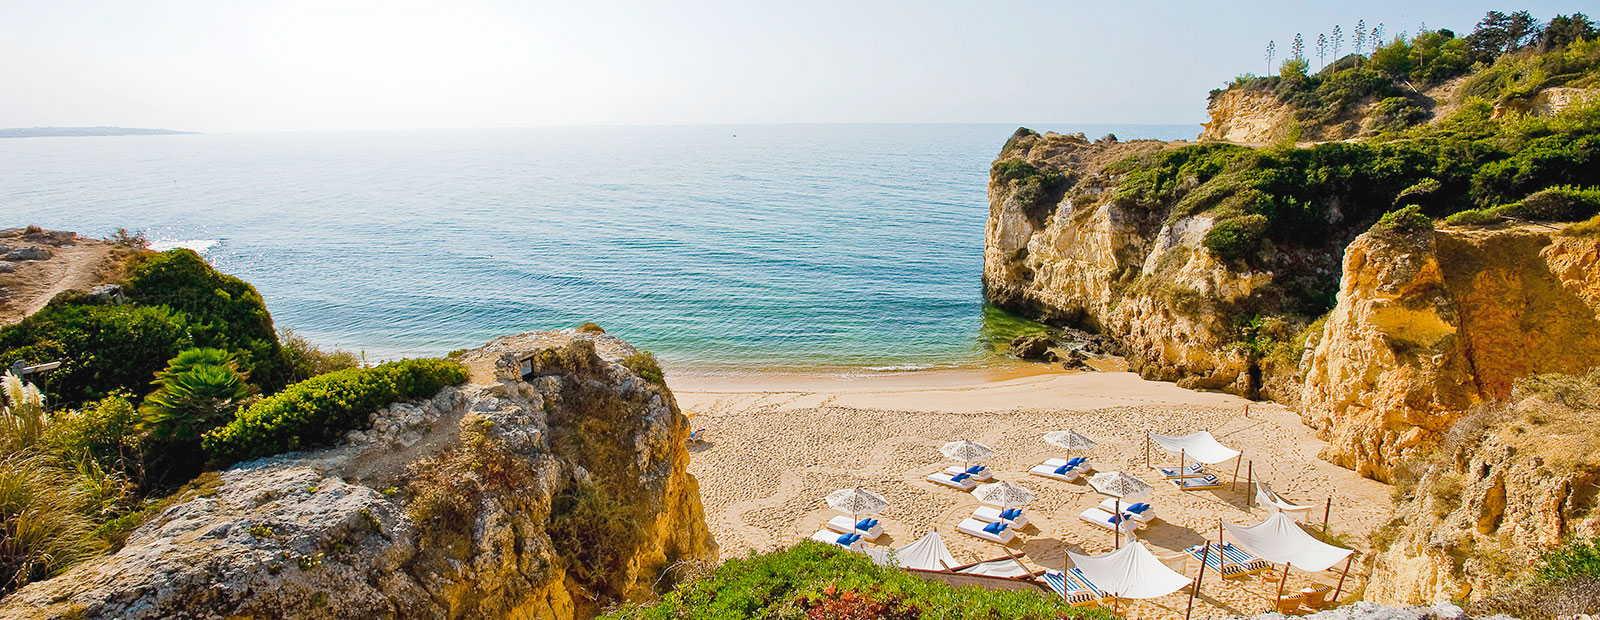 Exklusive Ferienhäuser an der Algarve